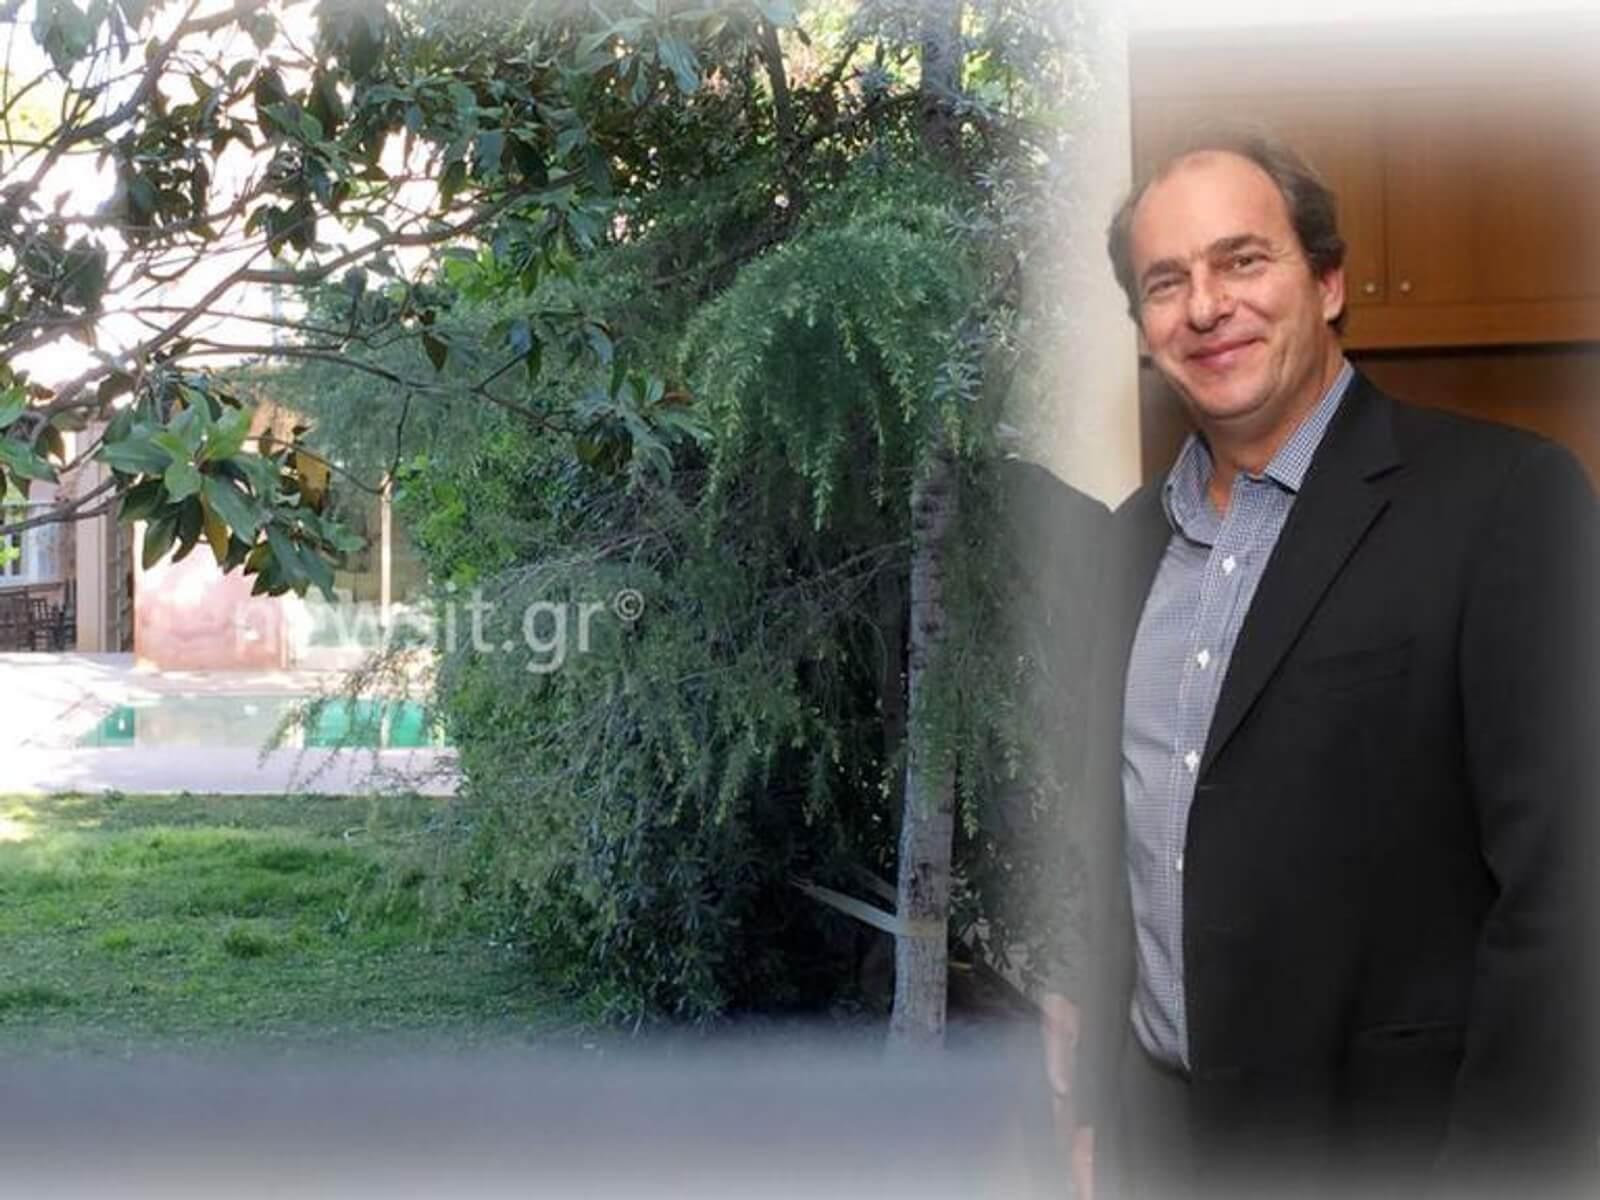 Βρήκαν τους δολοφόνους του επιχειρηματία Αλέξανδρου Σταματιάδη στην Κηφισιά!